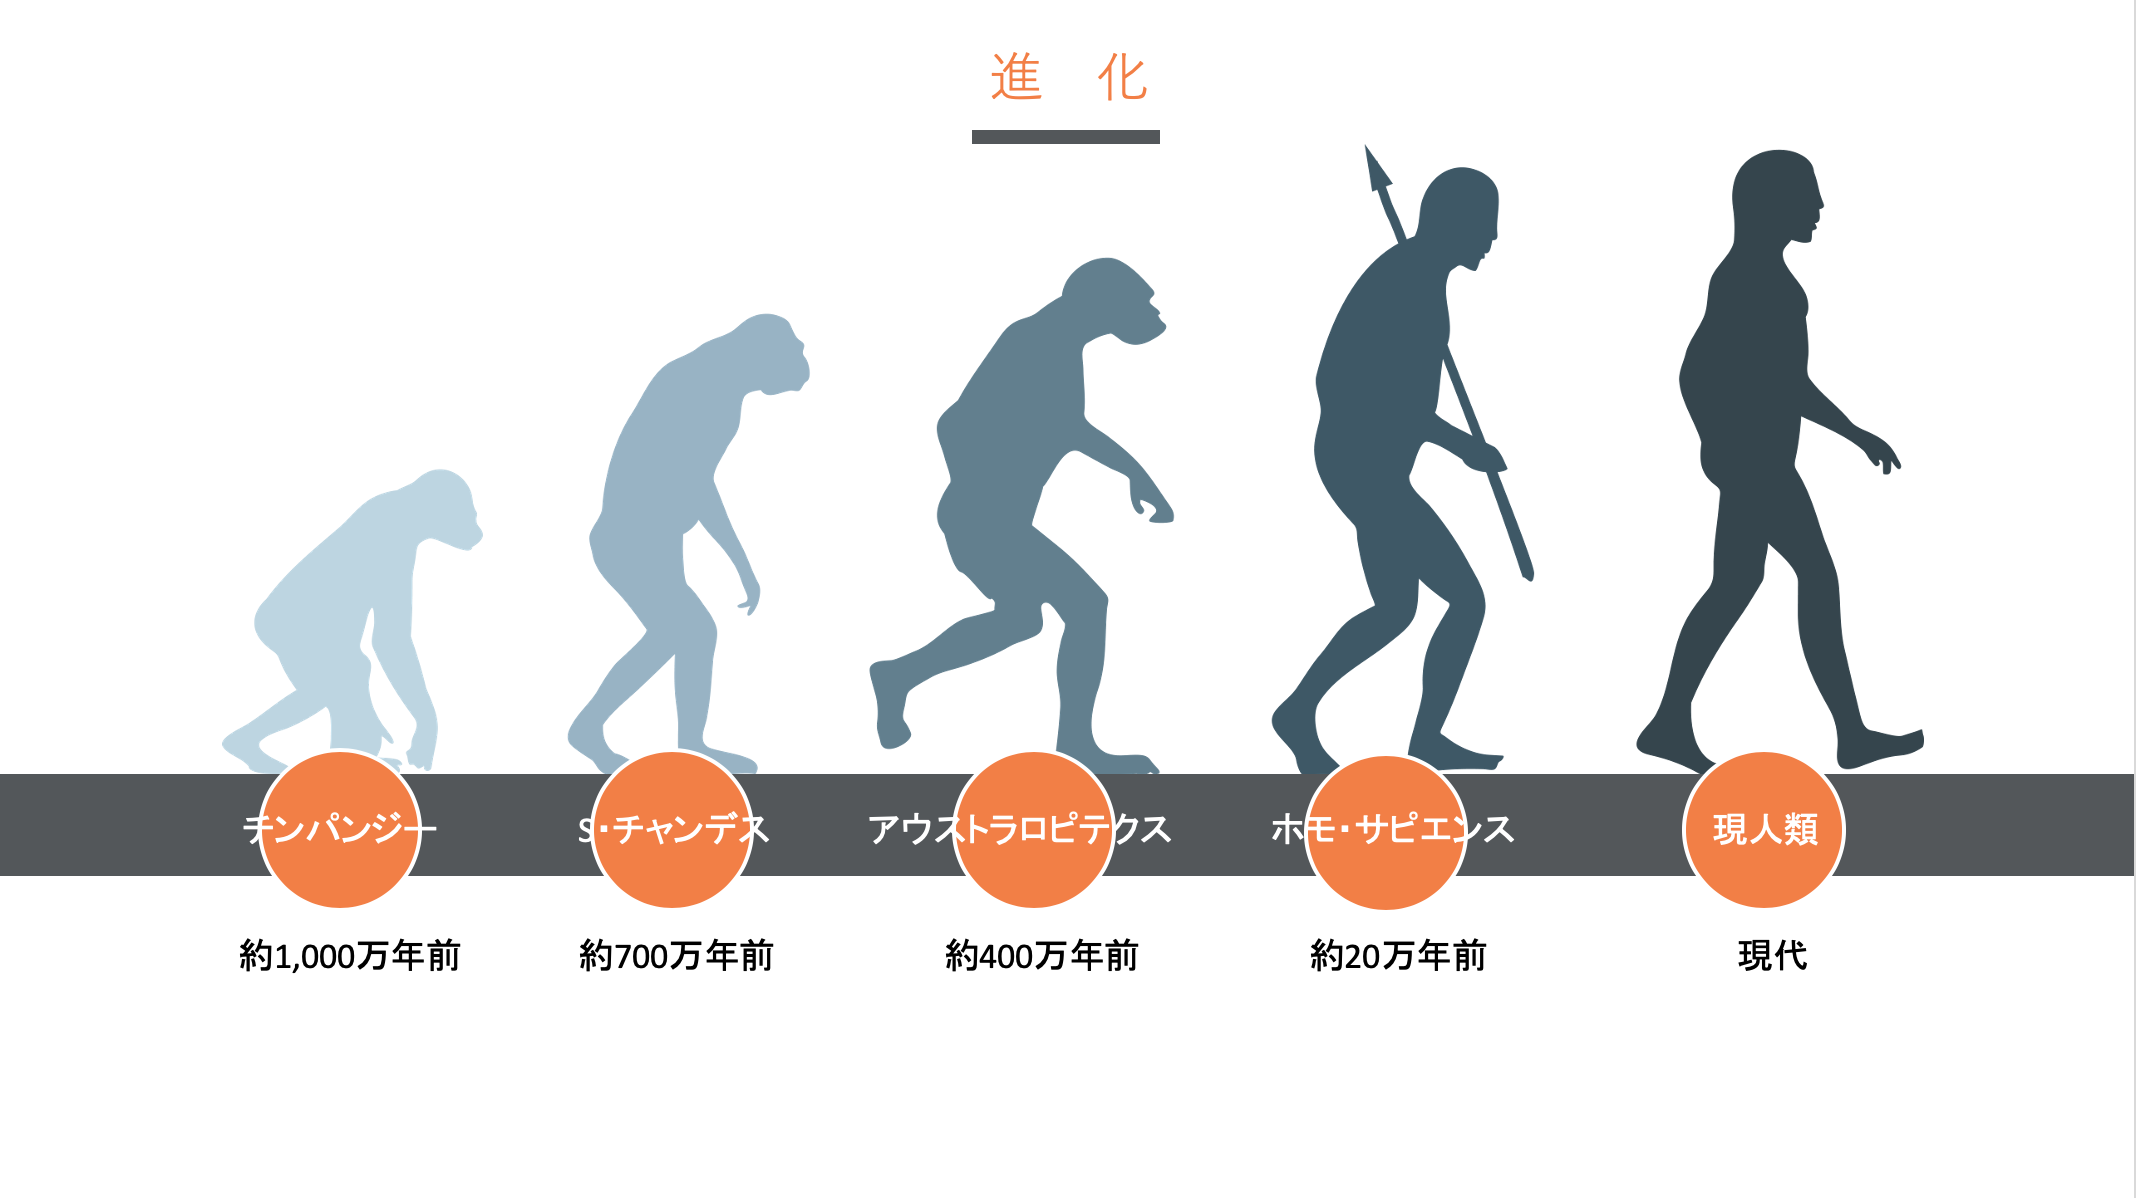 人類の進化の過程